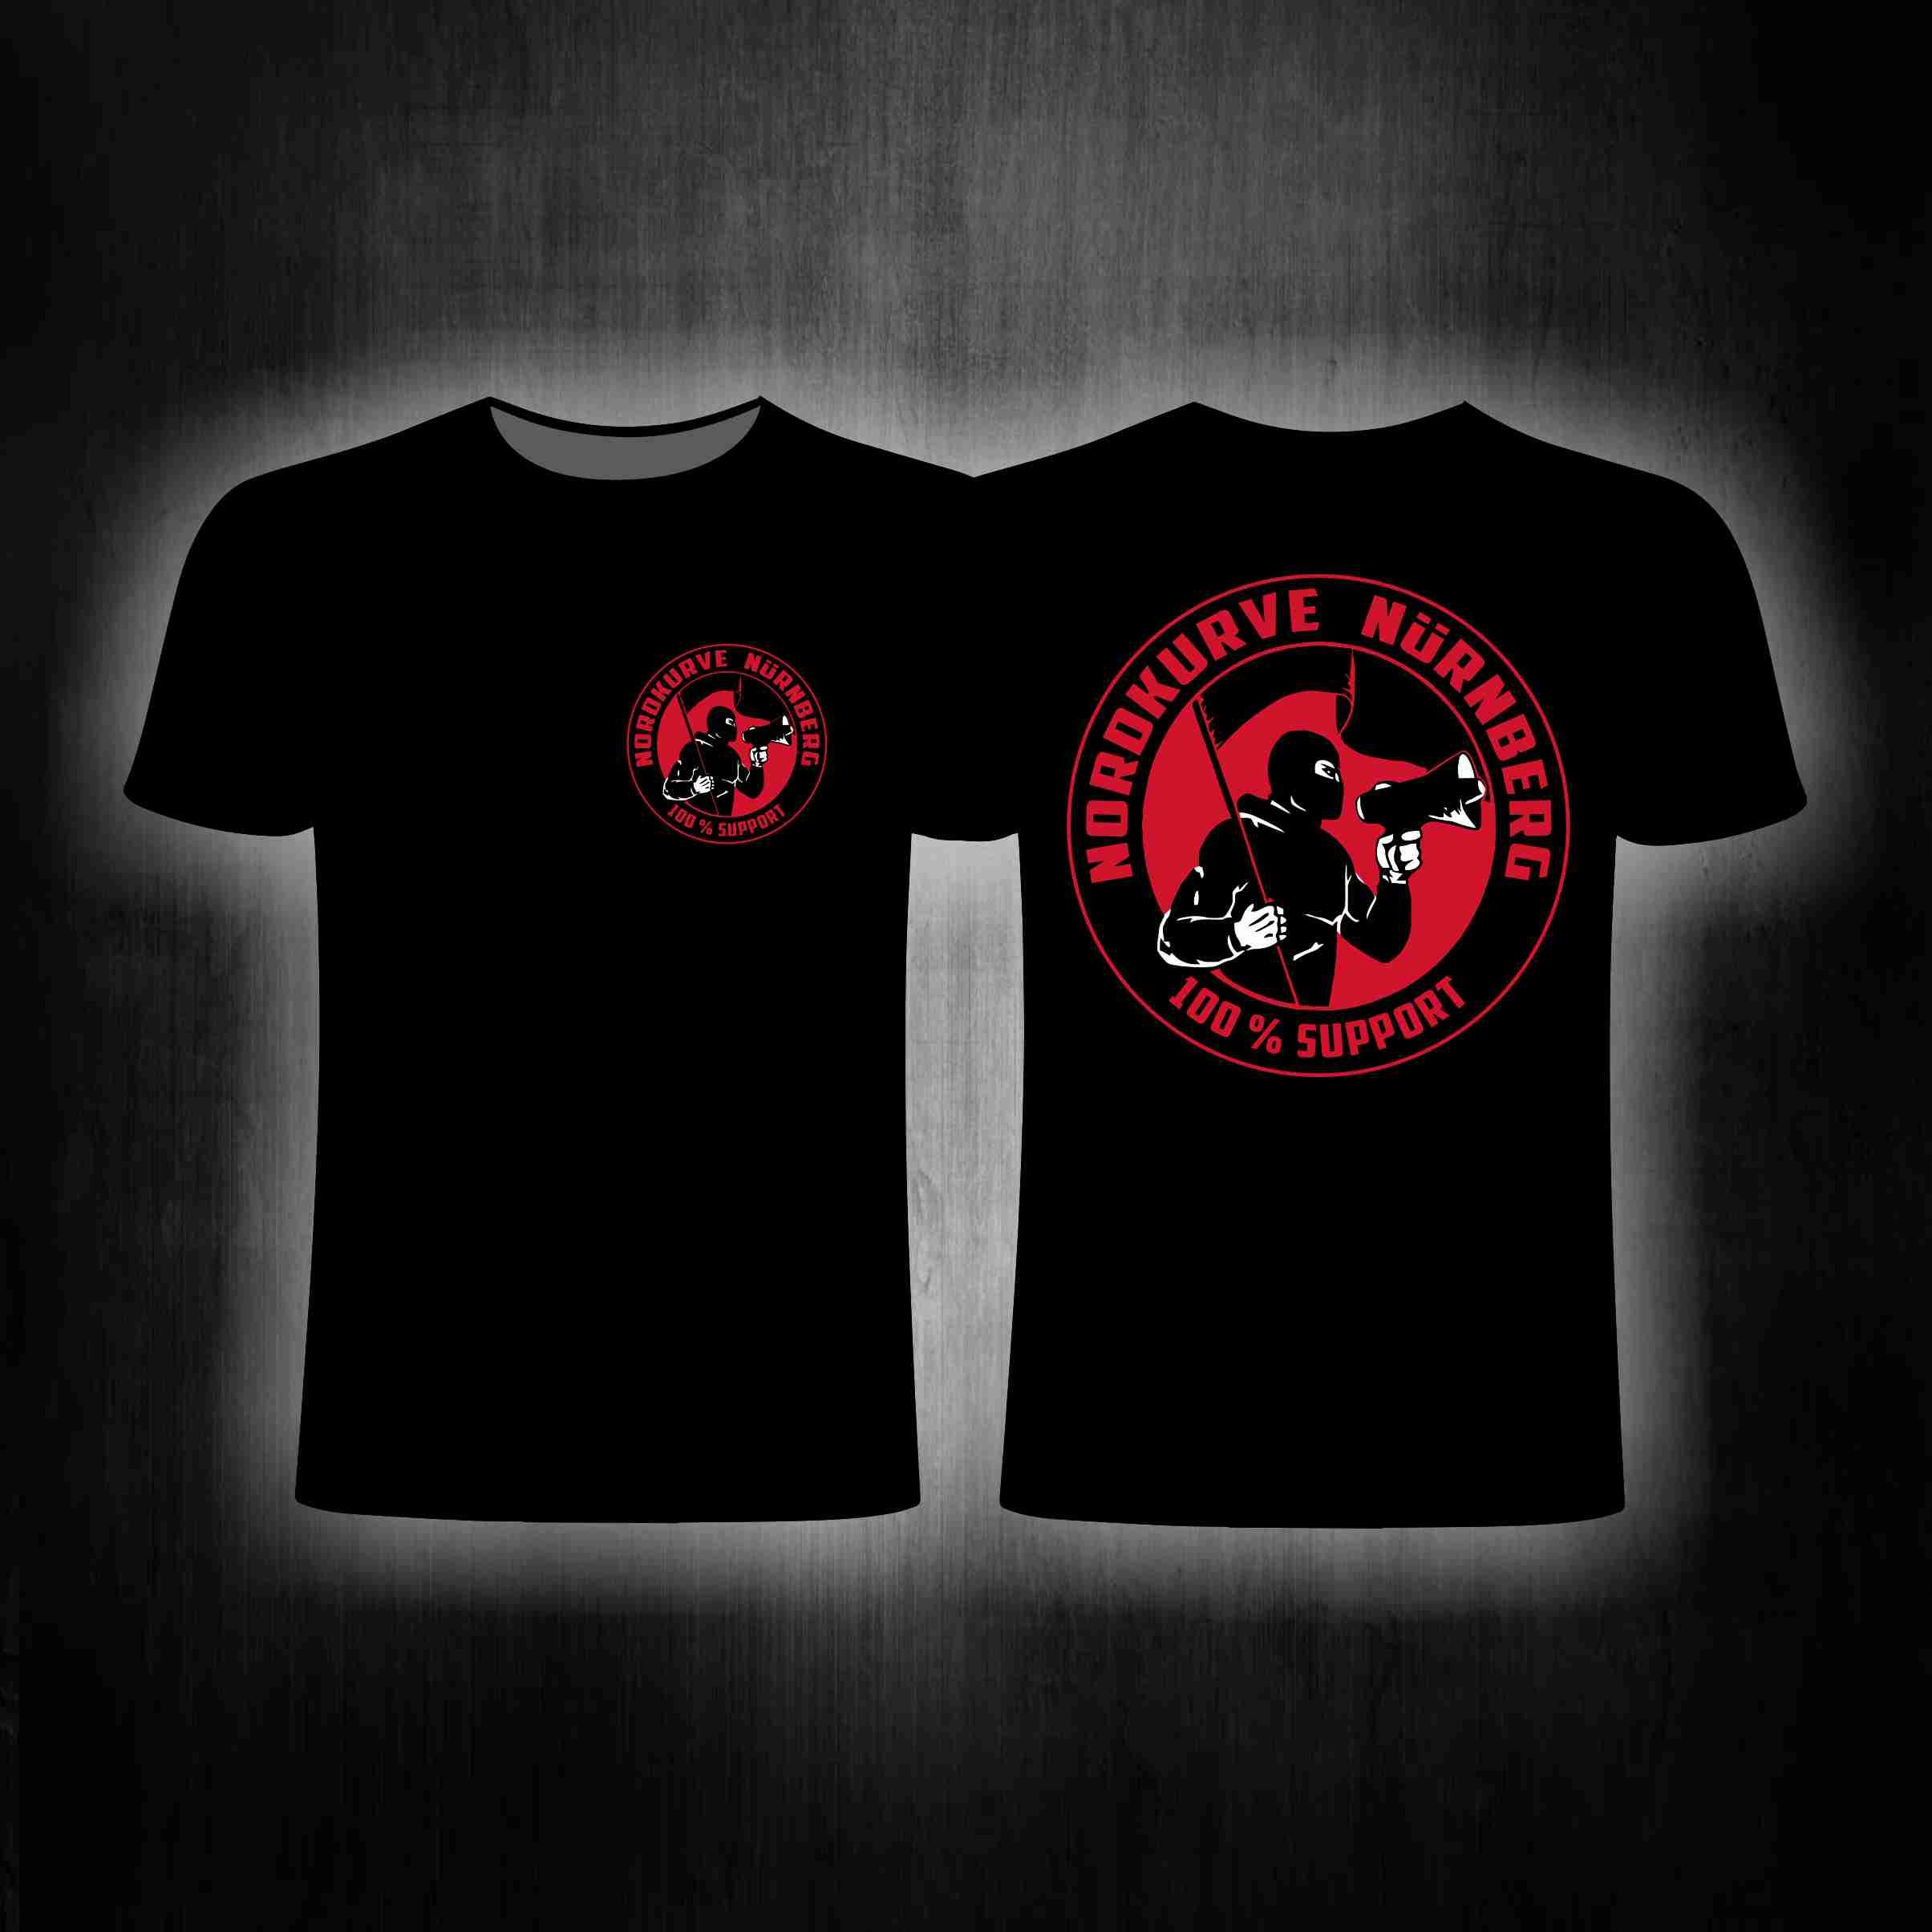 T-Shirt einseitig bedruckt  100% Support Nordkurve schwarz